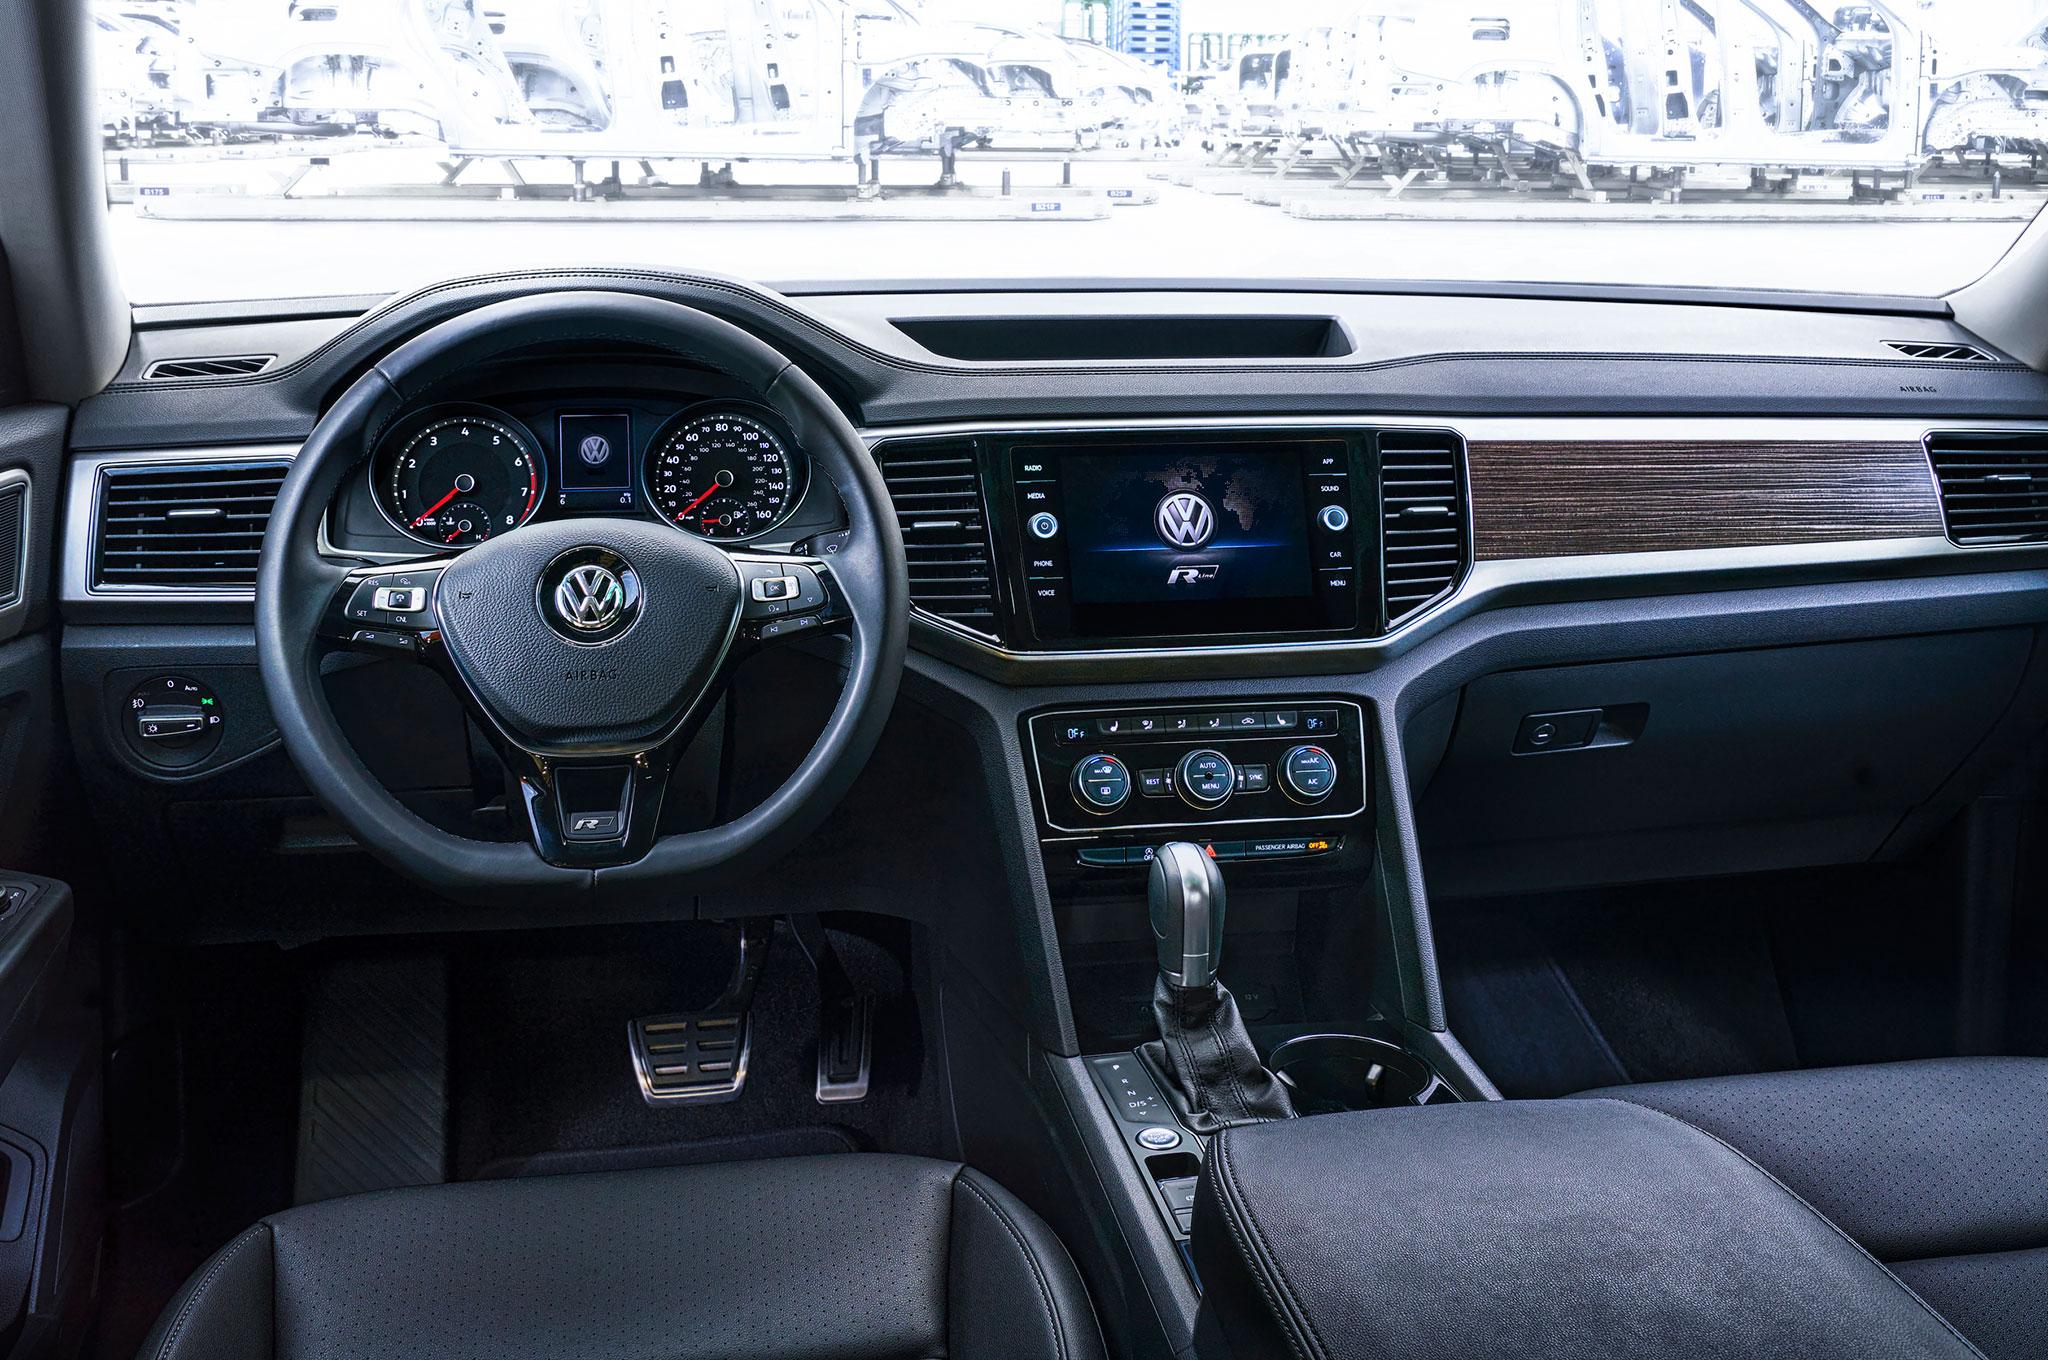 2018 volkswagen atlas interior. beautiful 2018 show more inside 2018 volkswagen atlas interior e